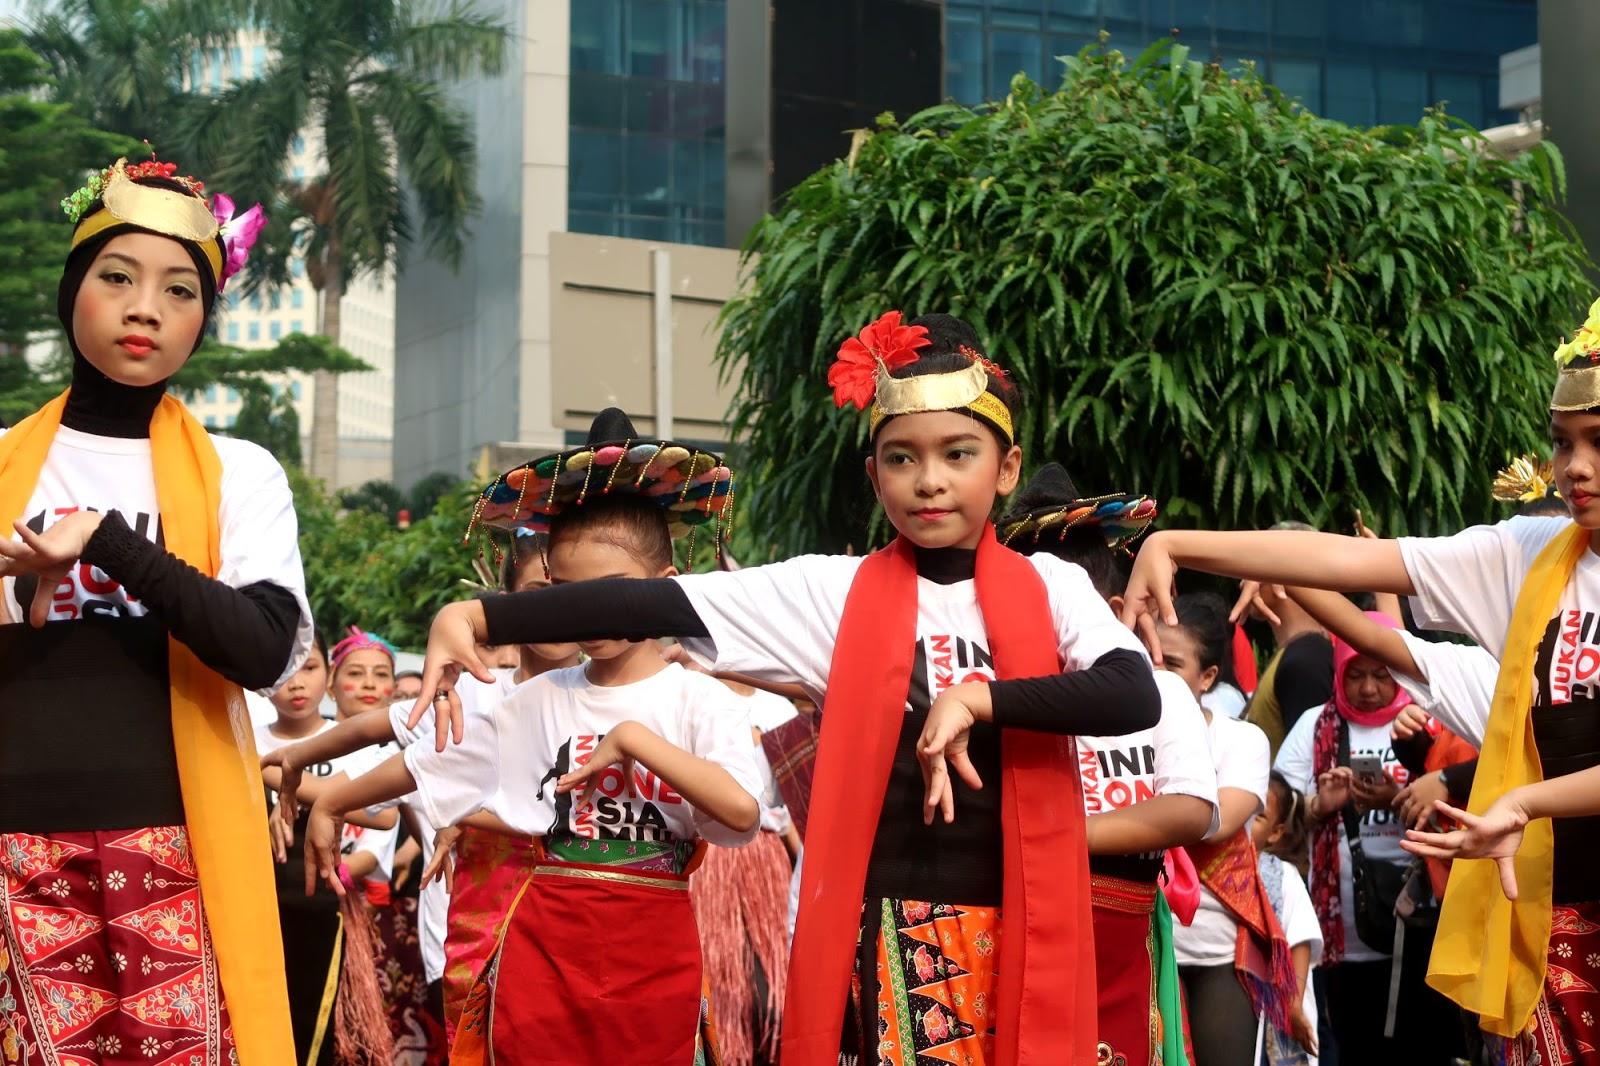 Flashmob Tarian Daerah Membuat Bangga Menjadi Indonesia Indonesia